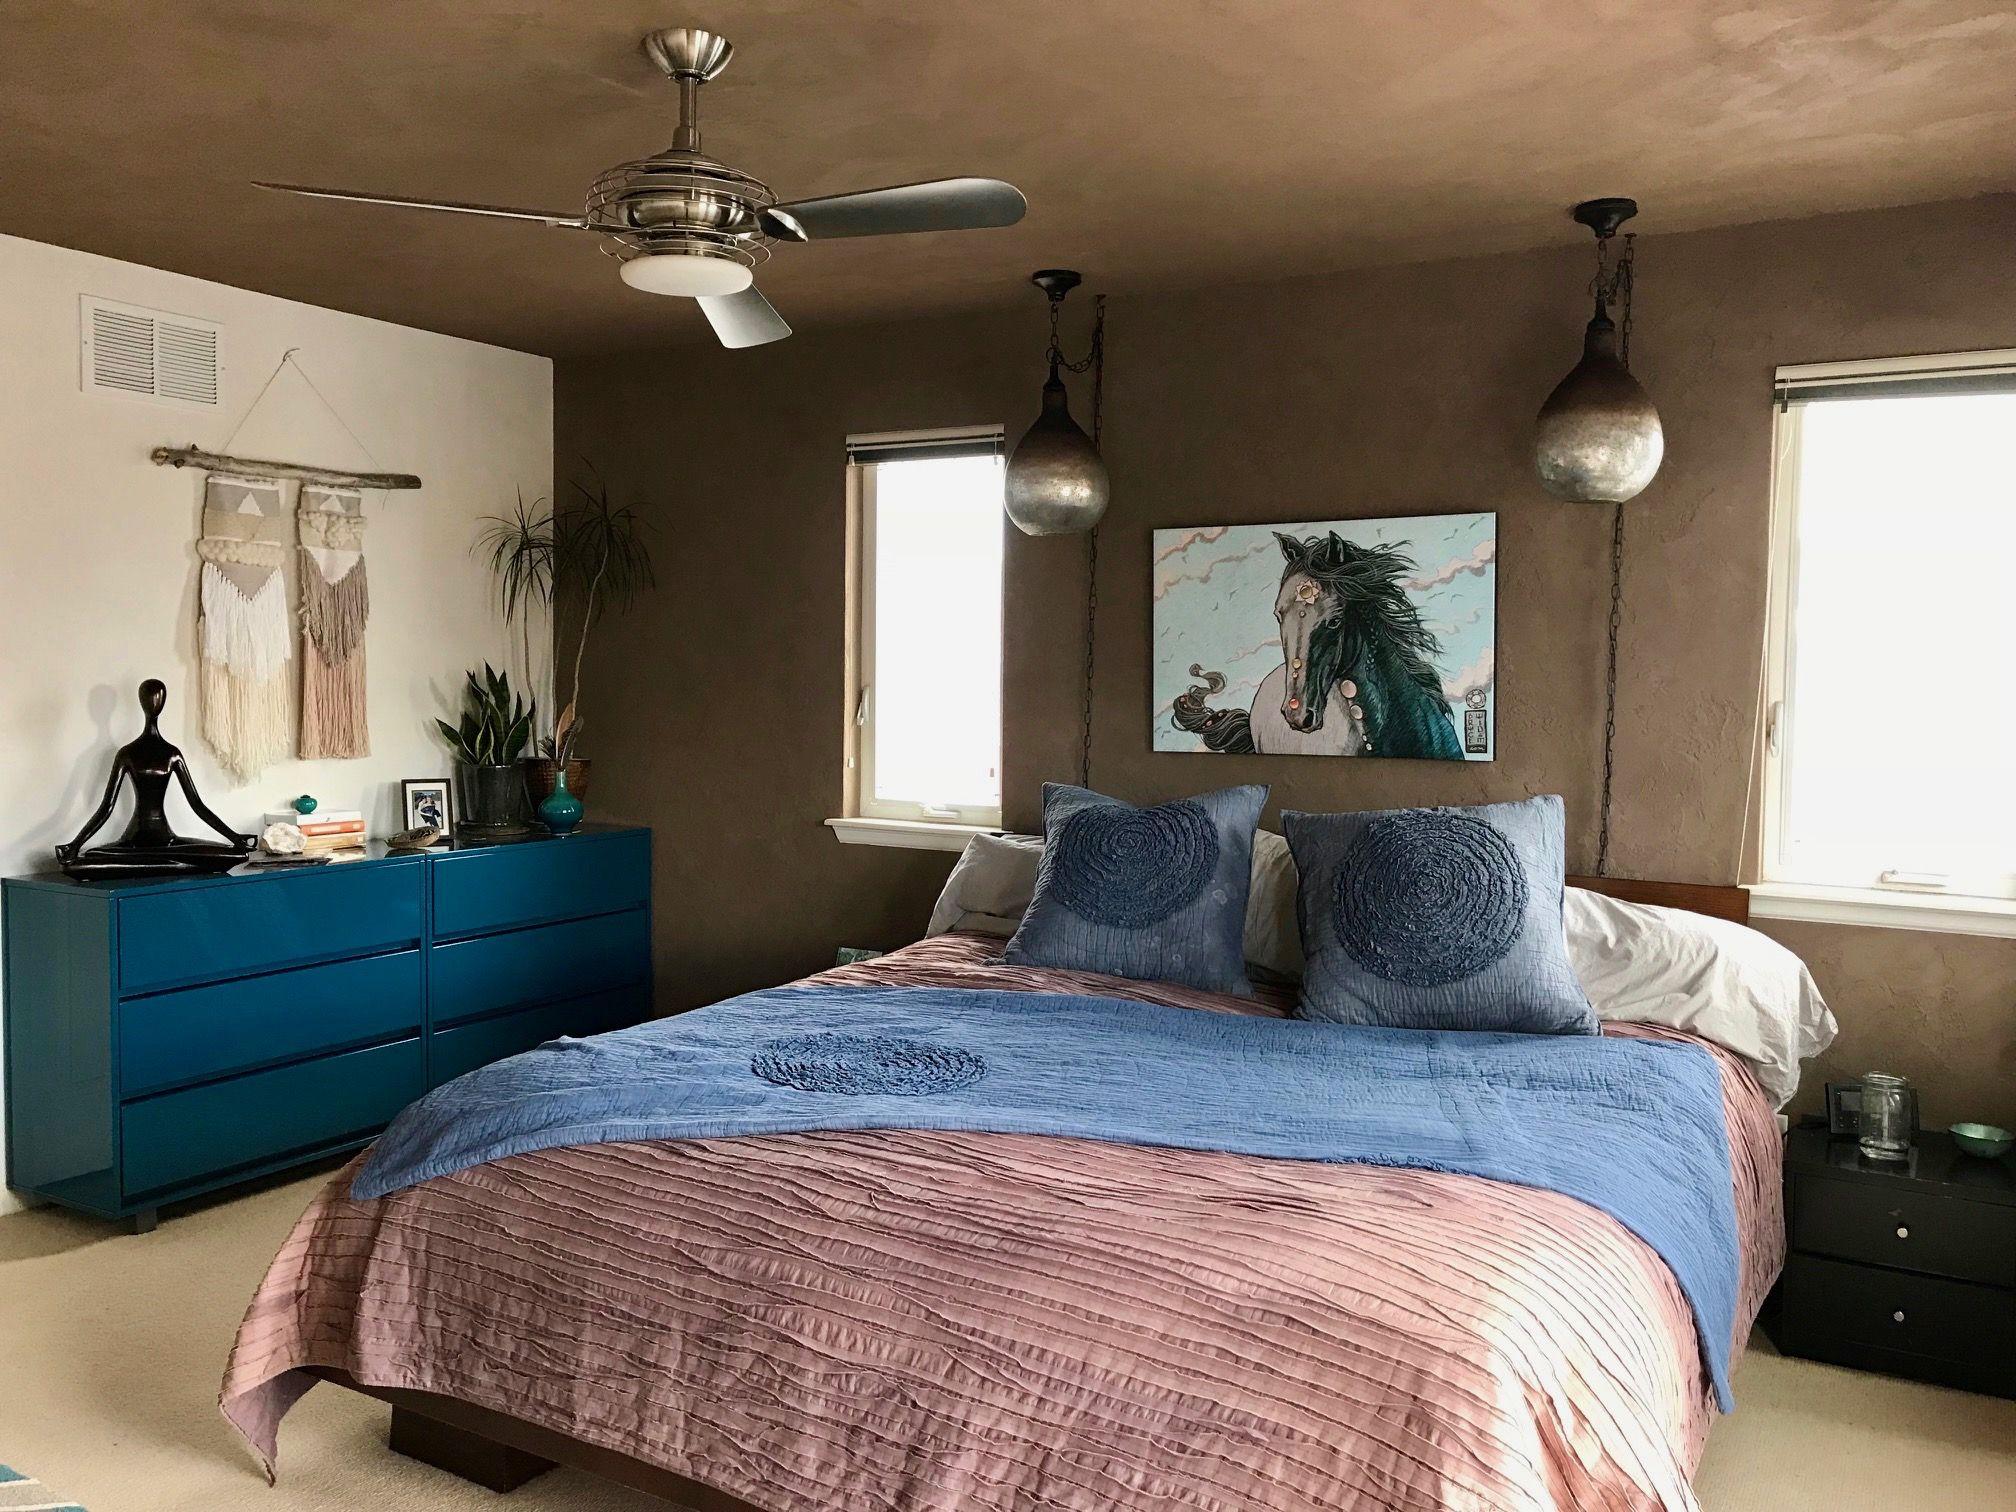 A Natural, Nontoxic & Colorful Clay Home in Colorado